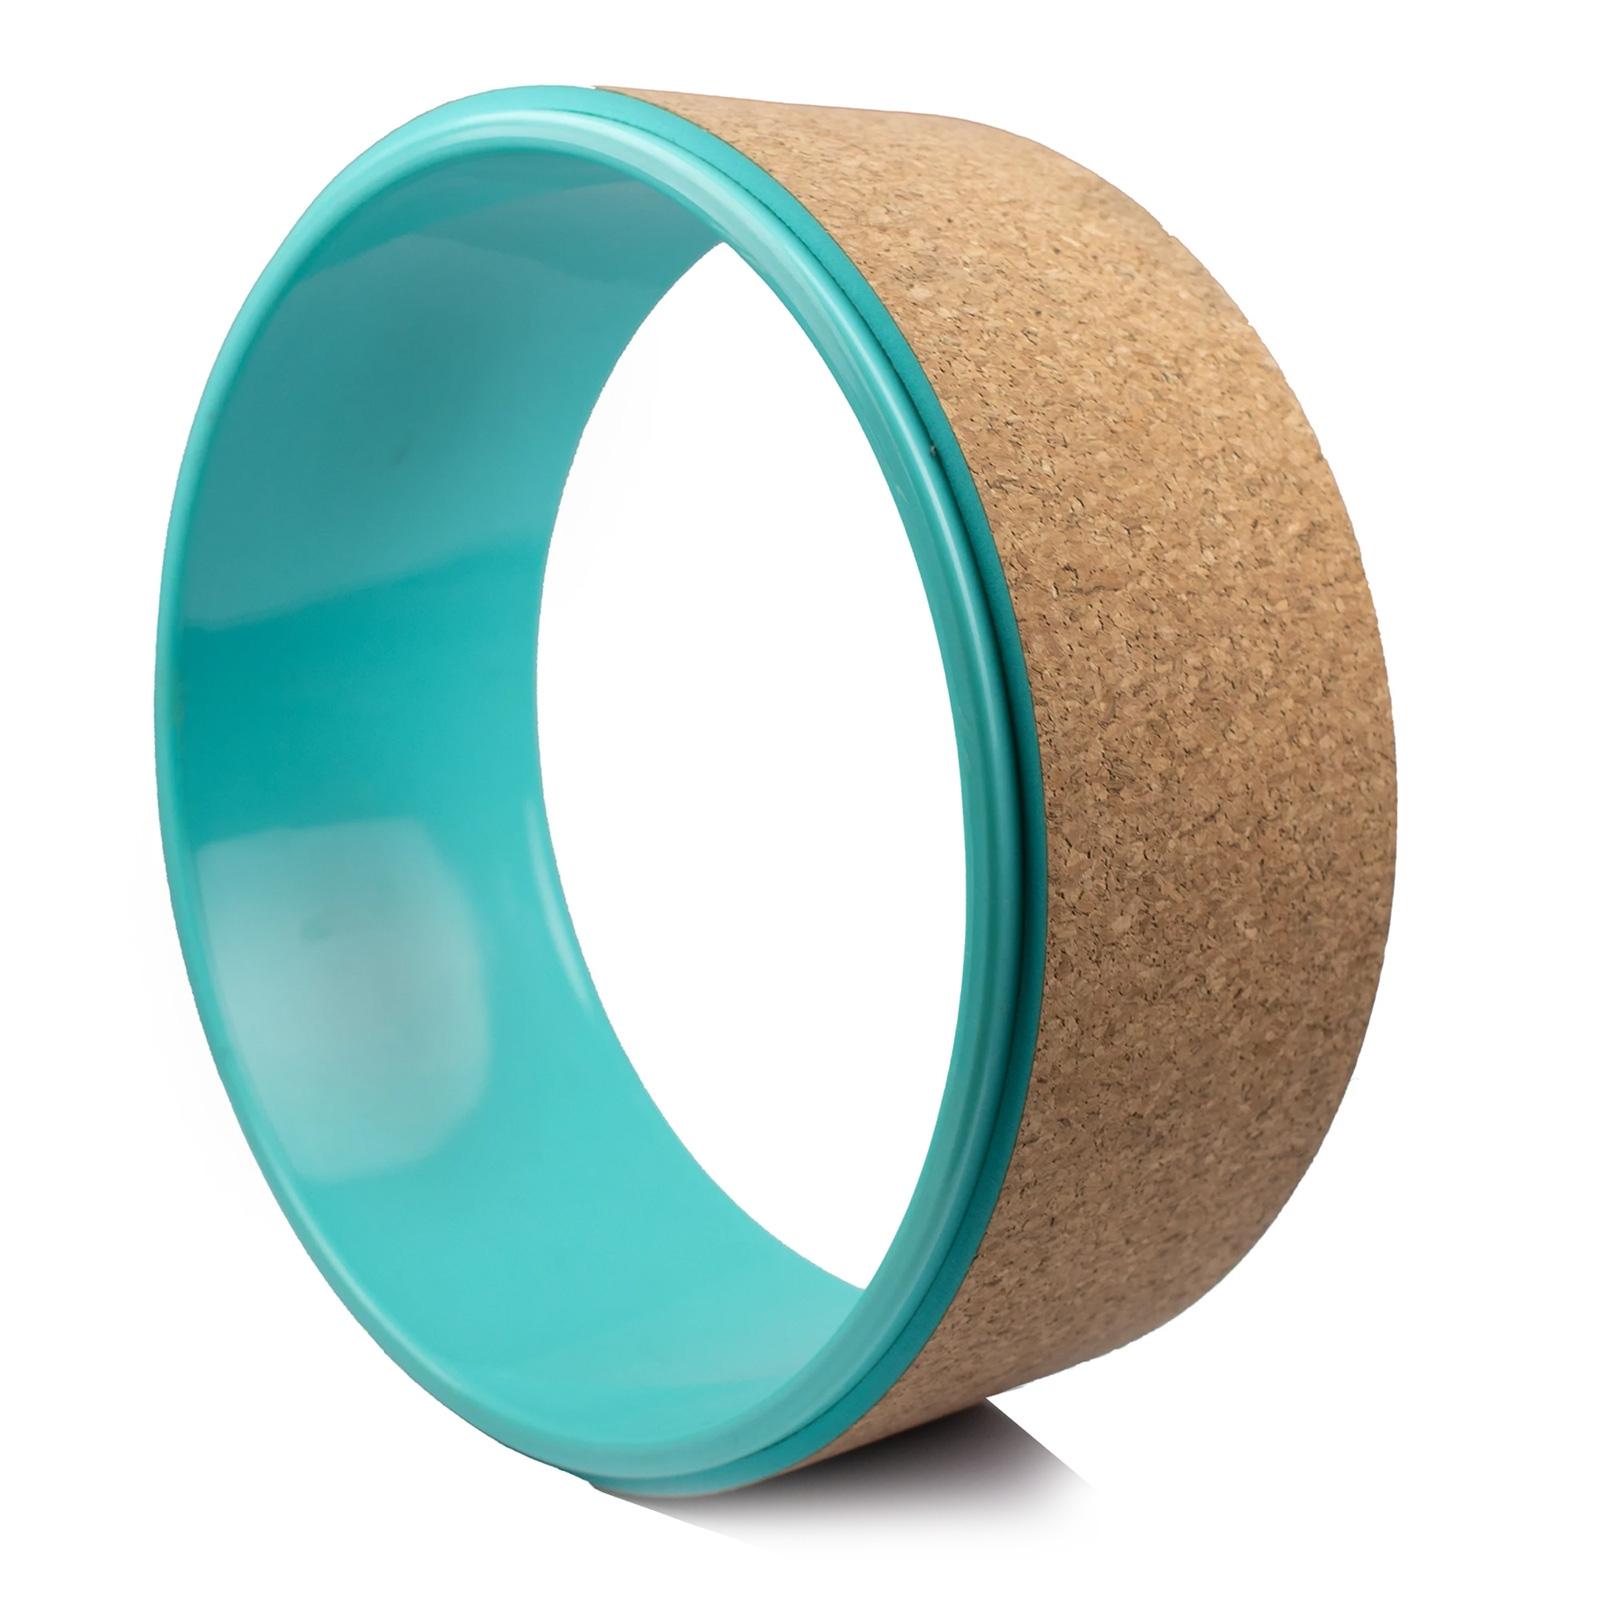 Eco Cork Yoga Wheel